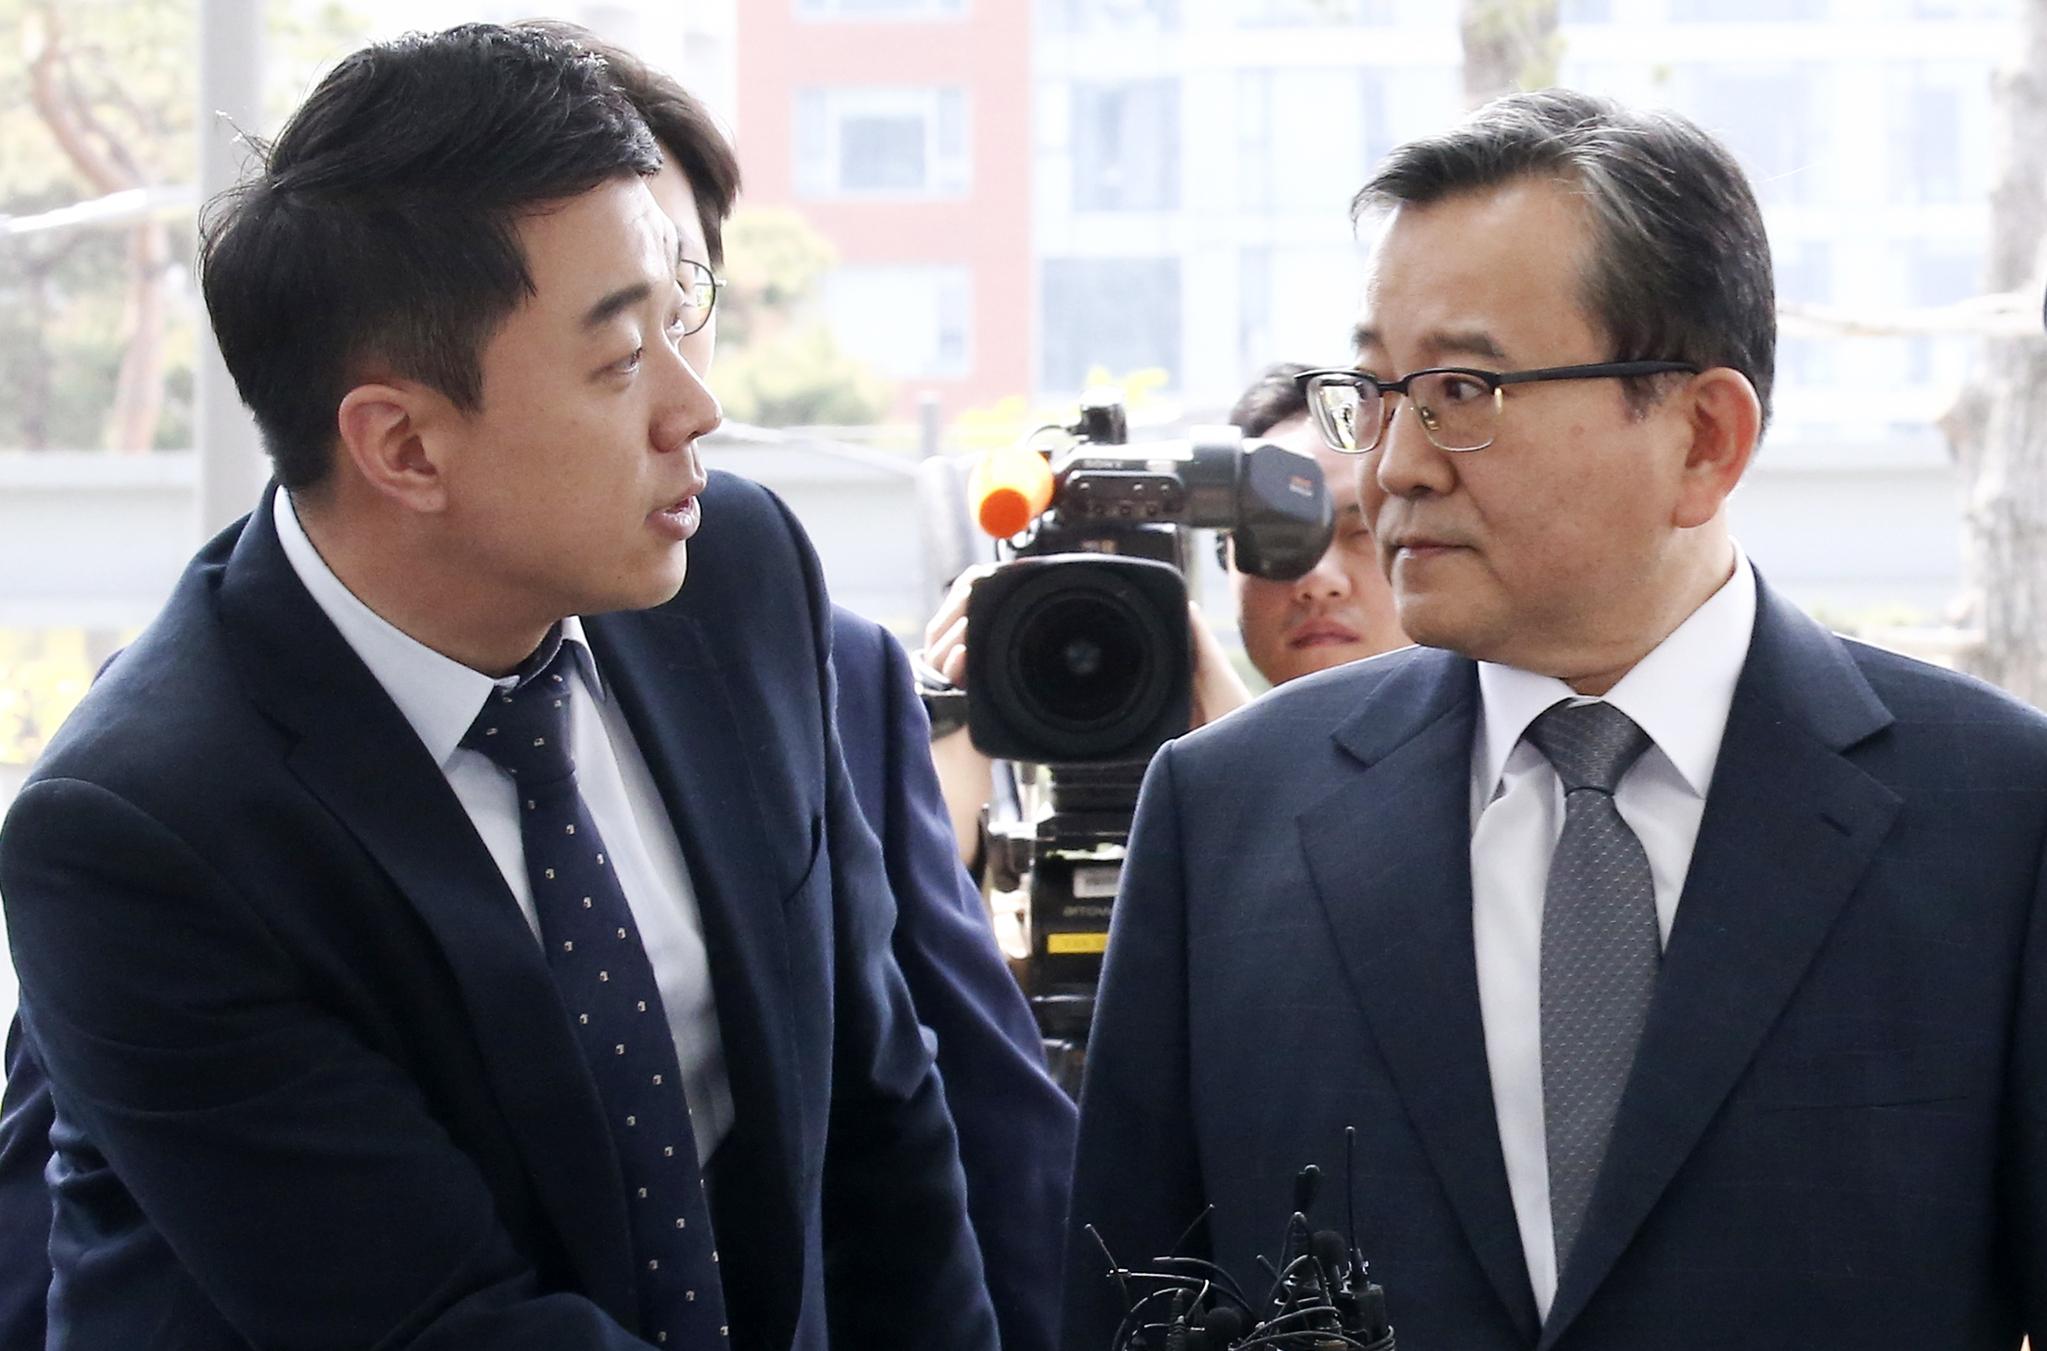 김학의 전 법무부 차관이 9일 오전 서울 동부지검에 출석하며 질문하는 기자를 쳐다보고있다.임현동 기자